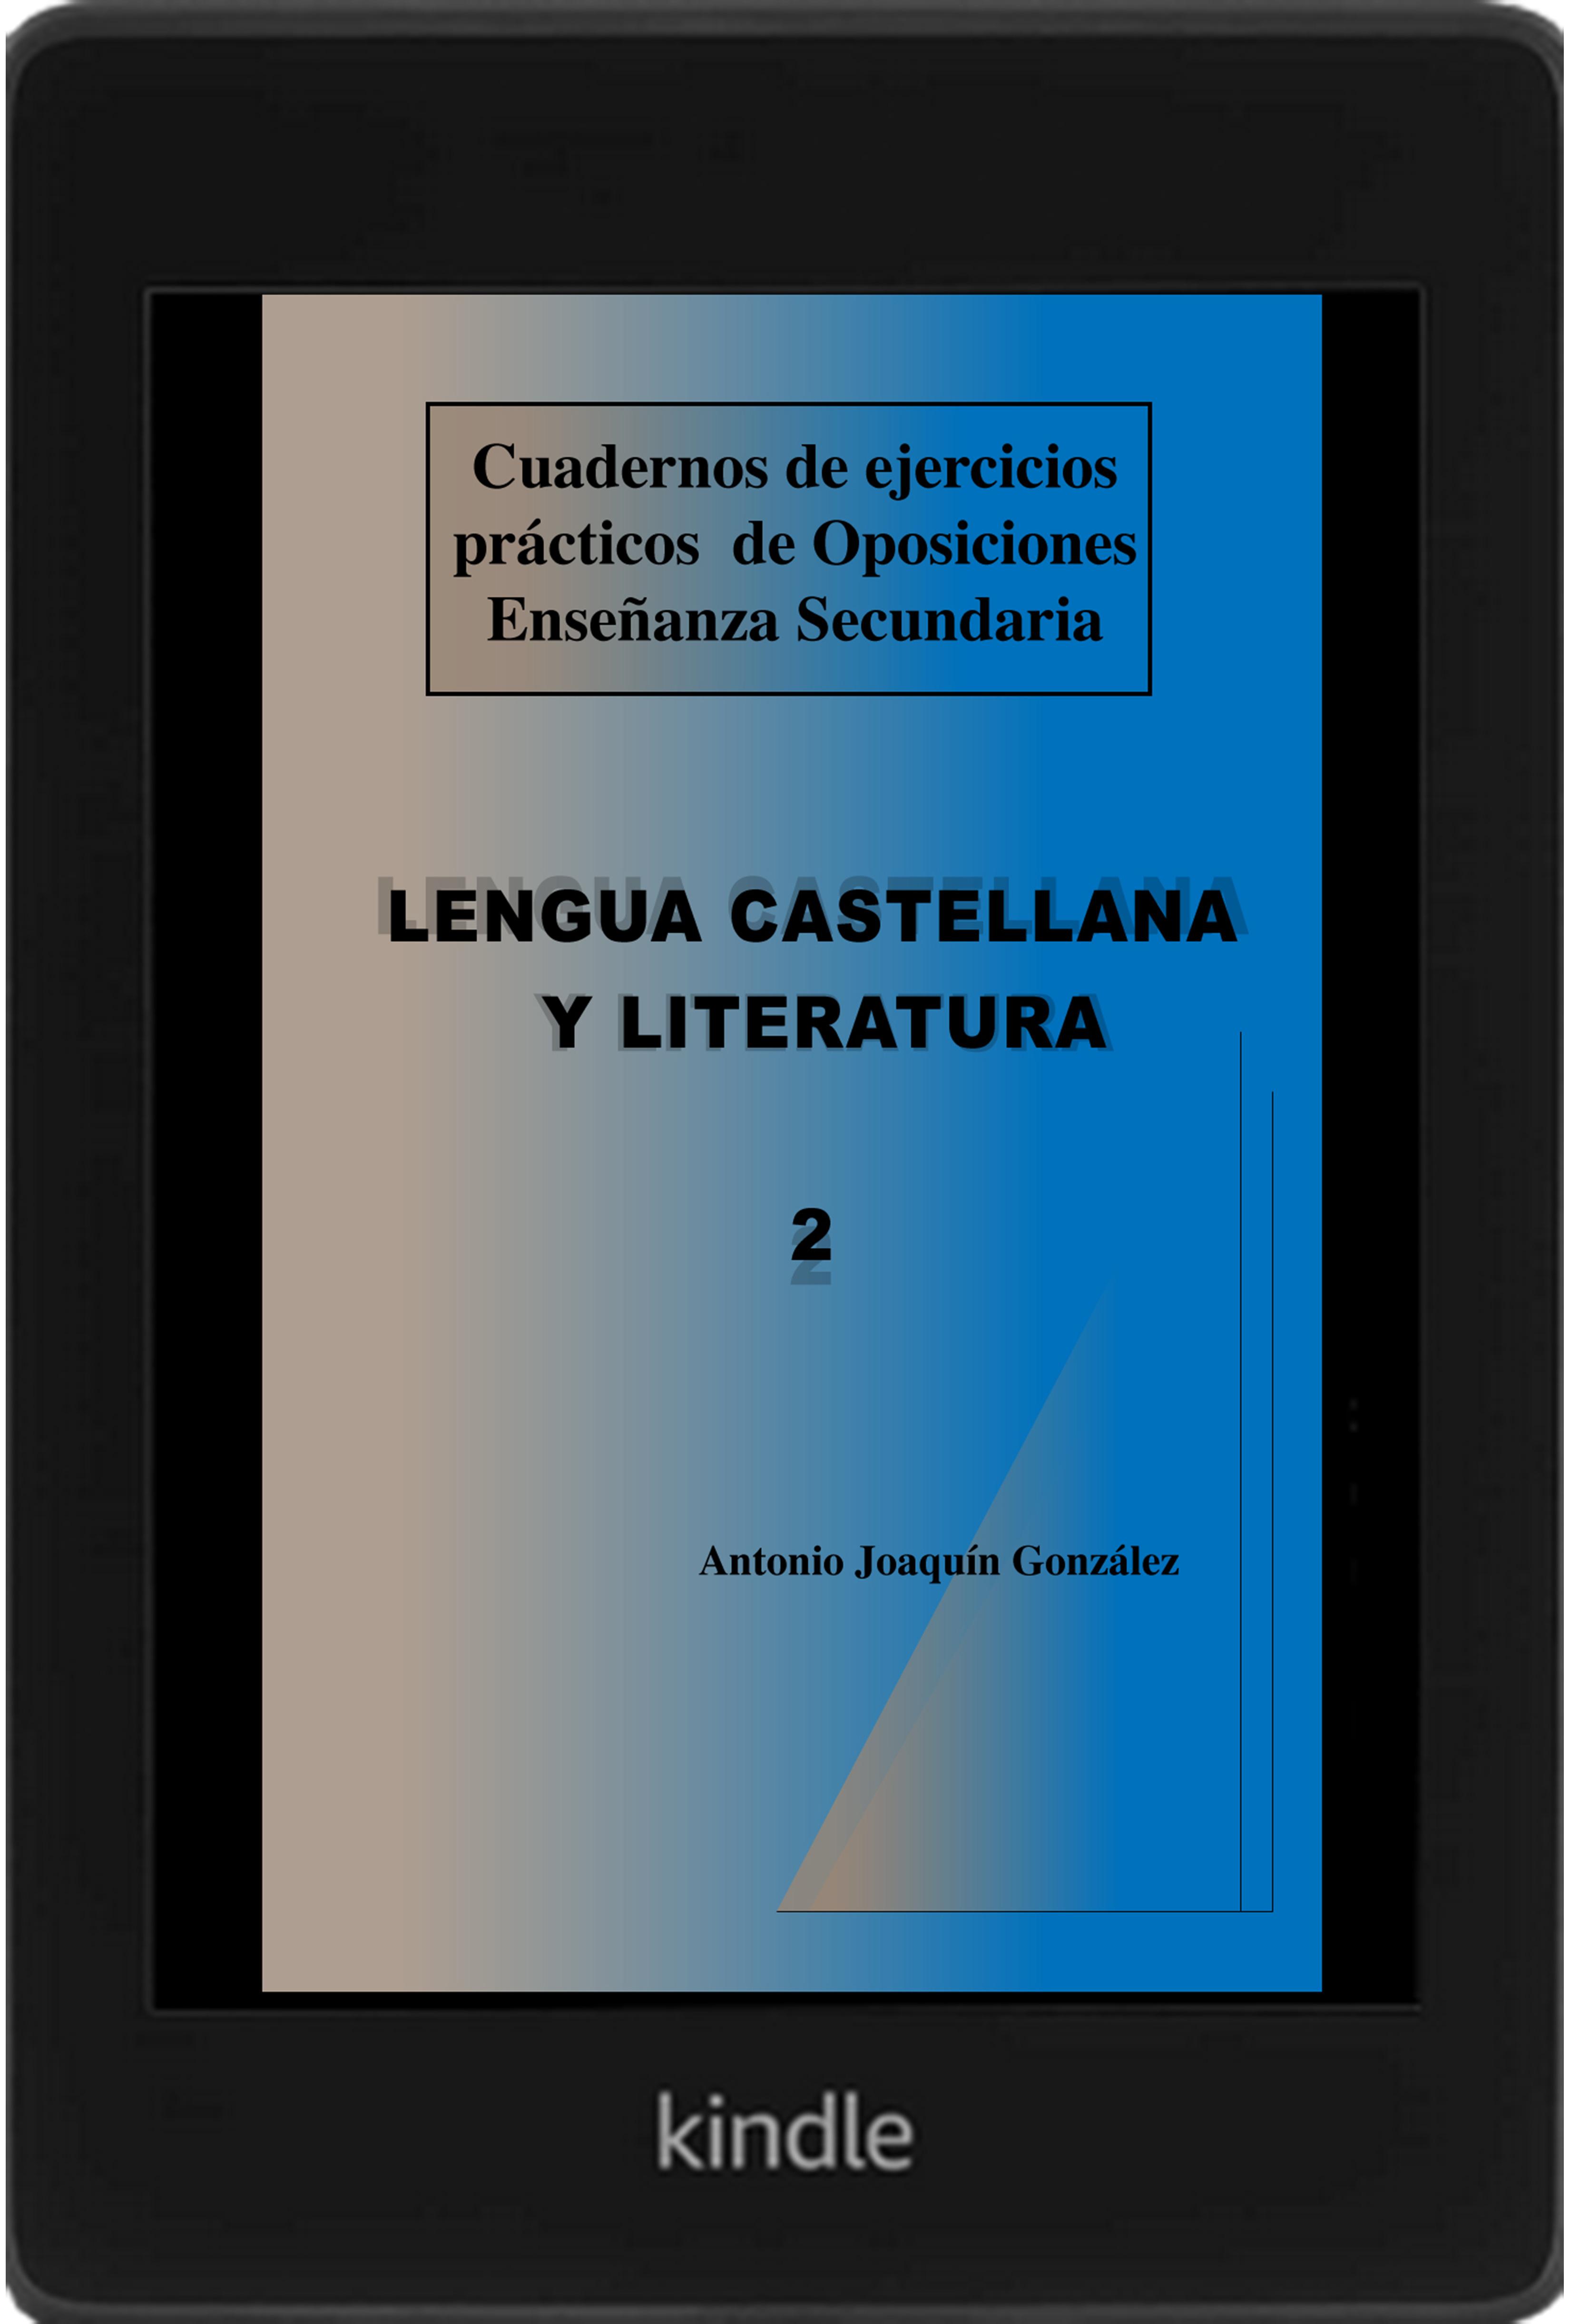 Cuadernos de ejercicios prácticos de Oposiciones